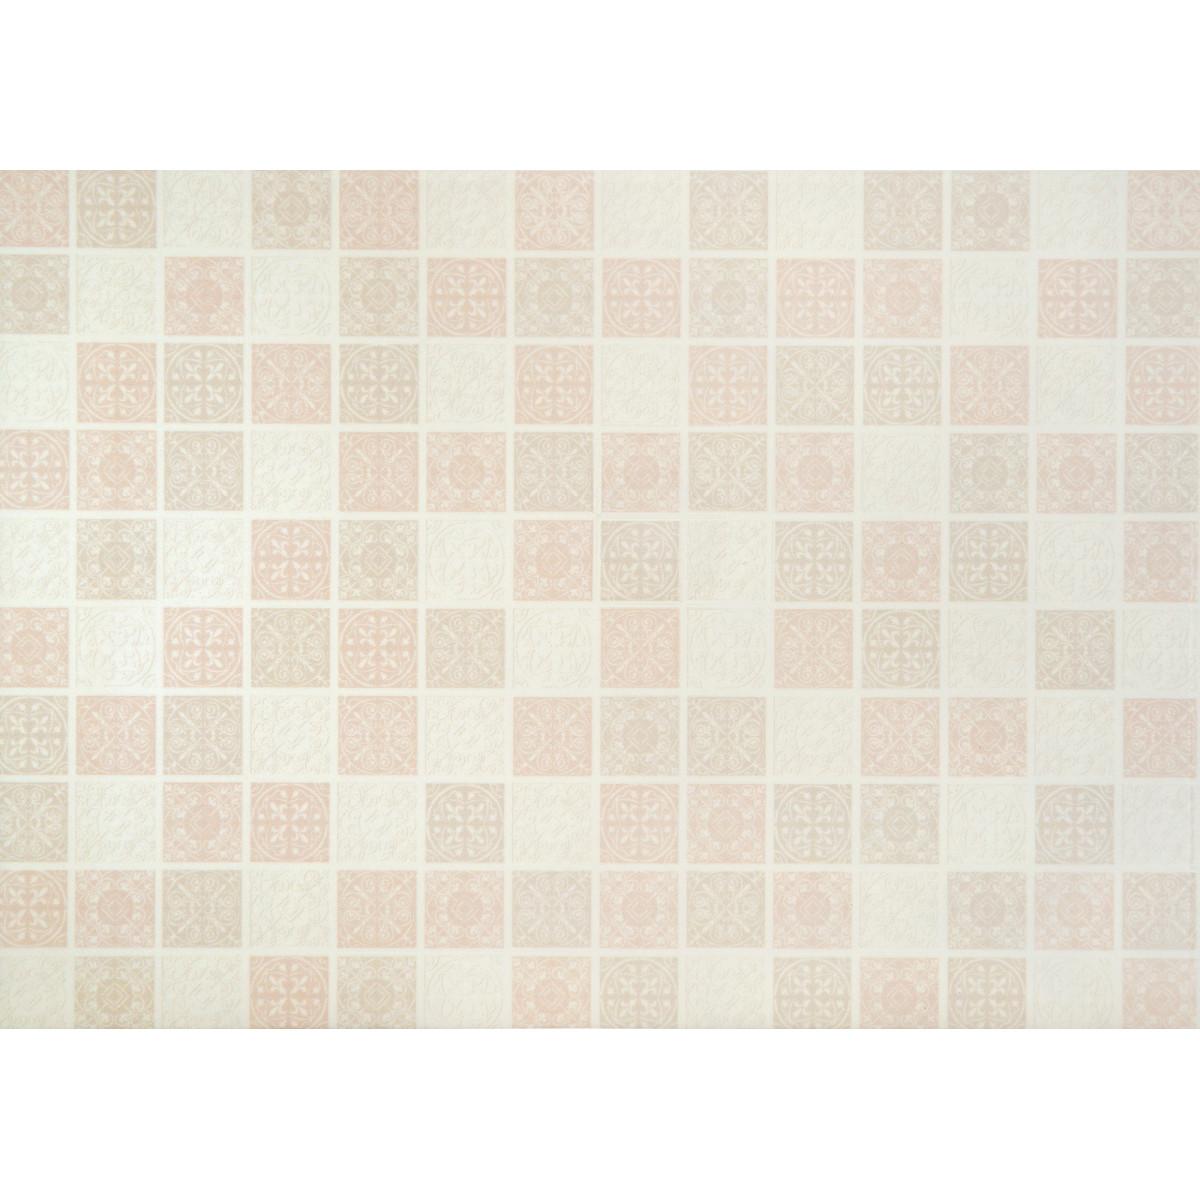 Плитка настенная Arabesque 25x35 см 1.4 м2 цвет бежевый